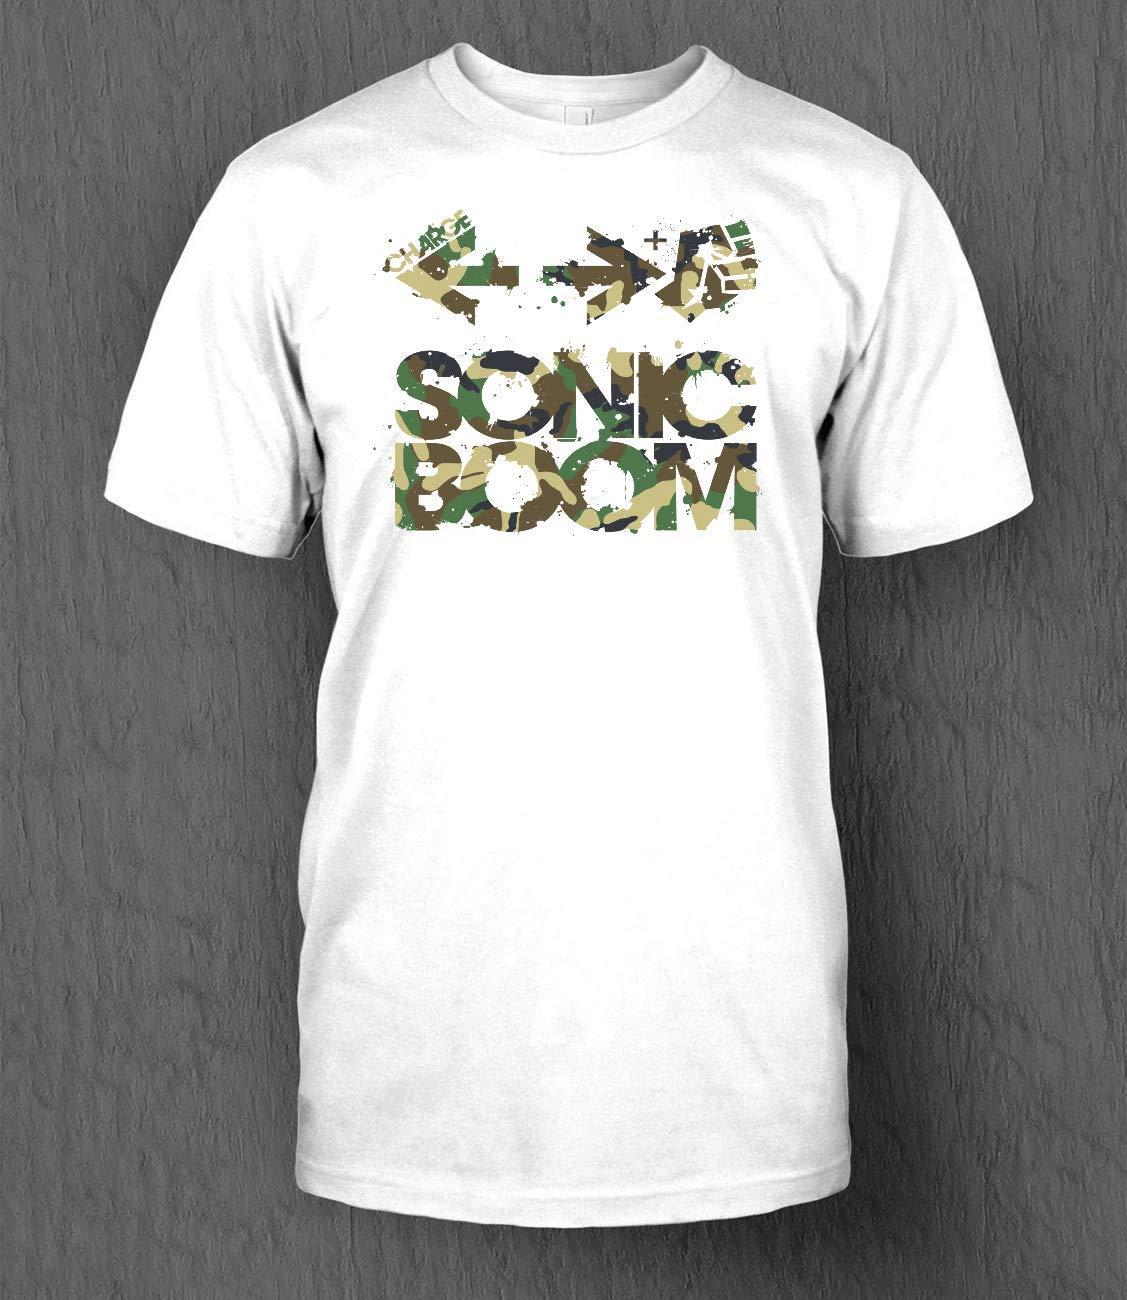 Amazon.com: Sonic Boom Command - Camo 24 Shirt Gifr For Men ...